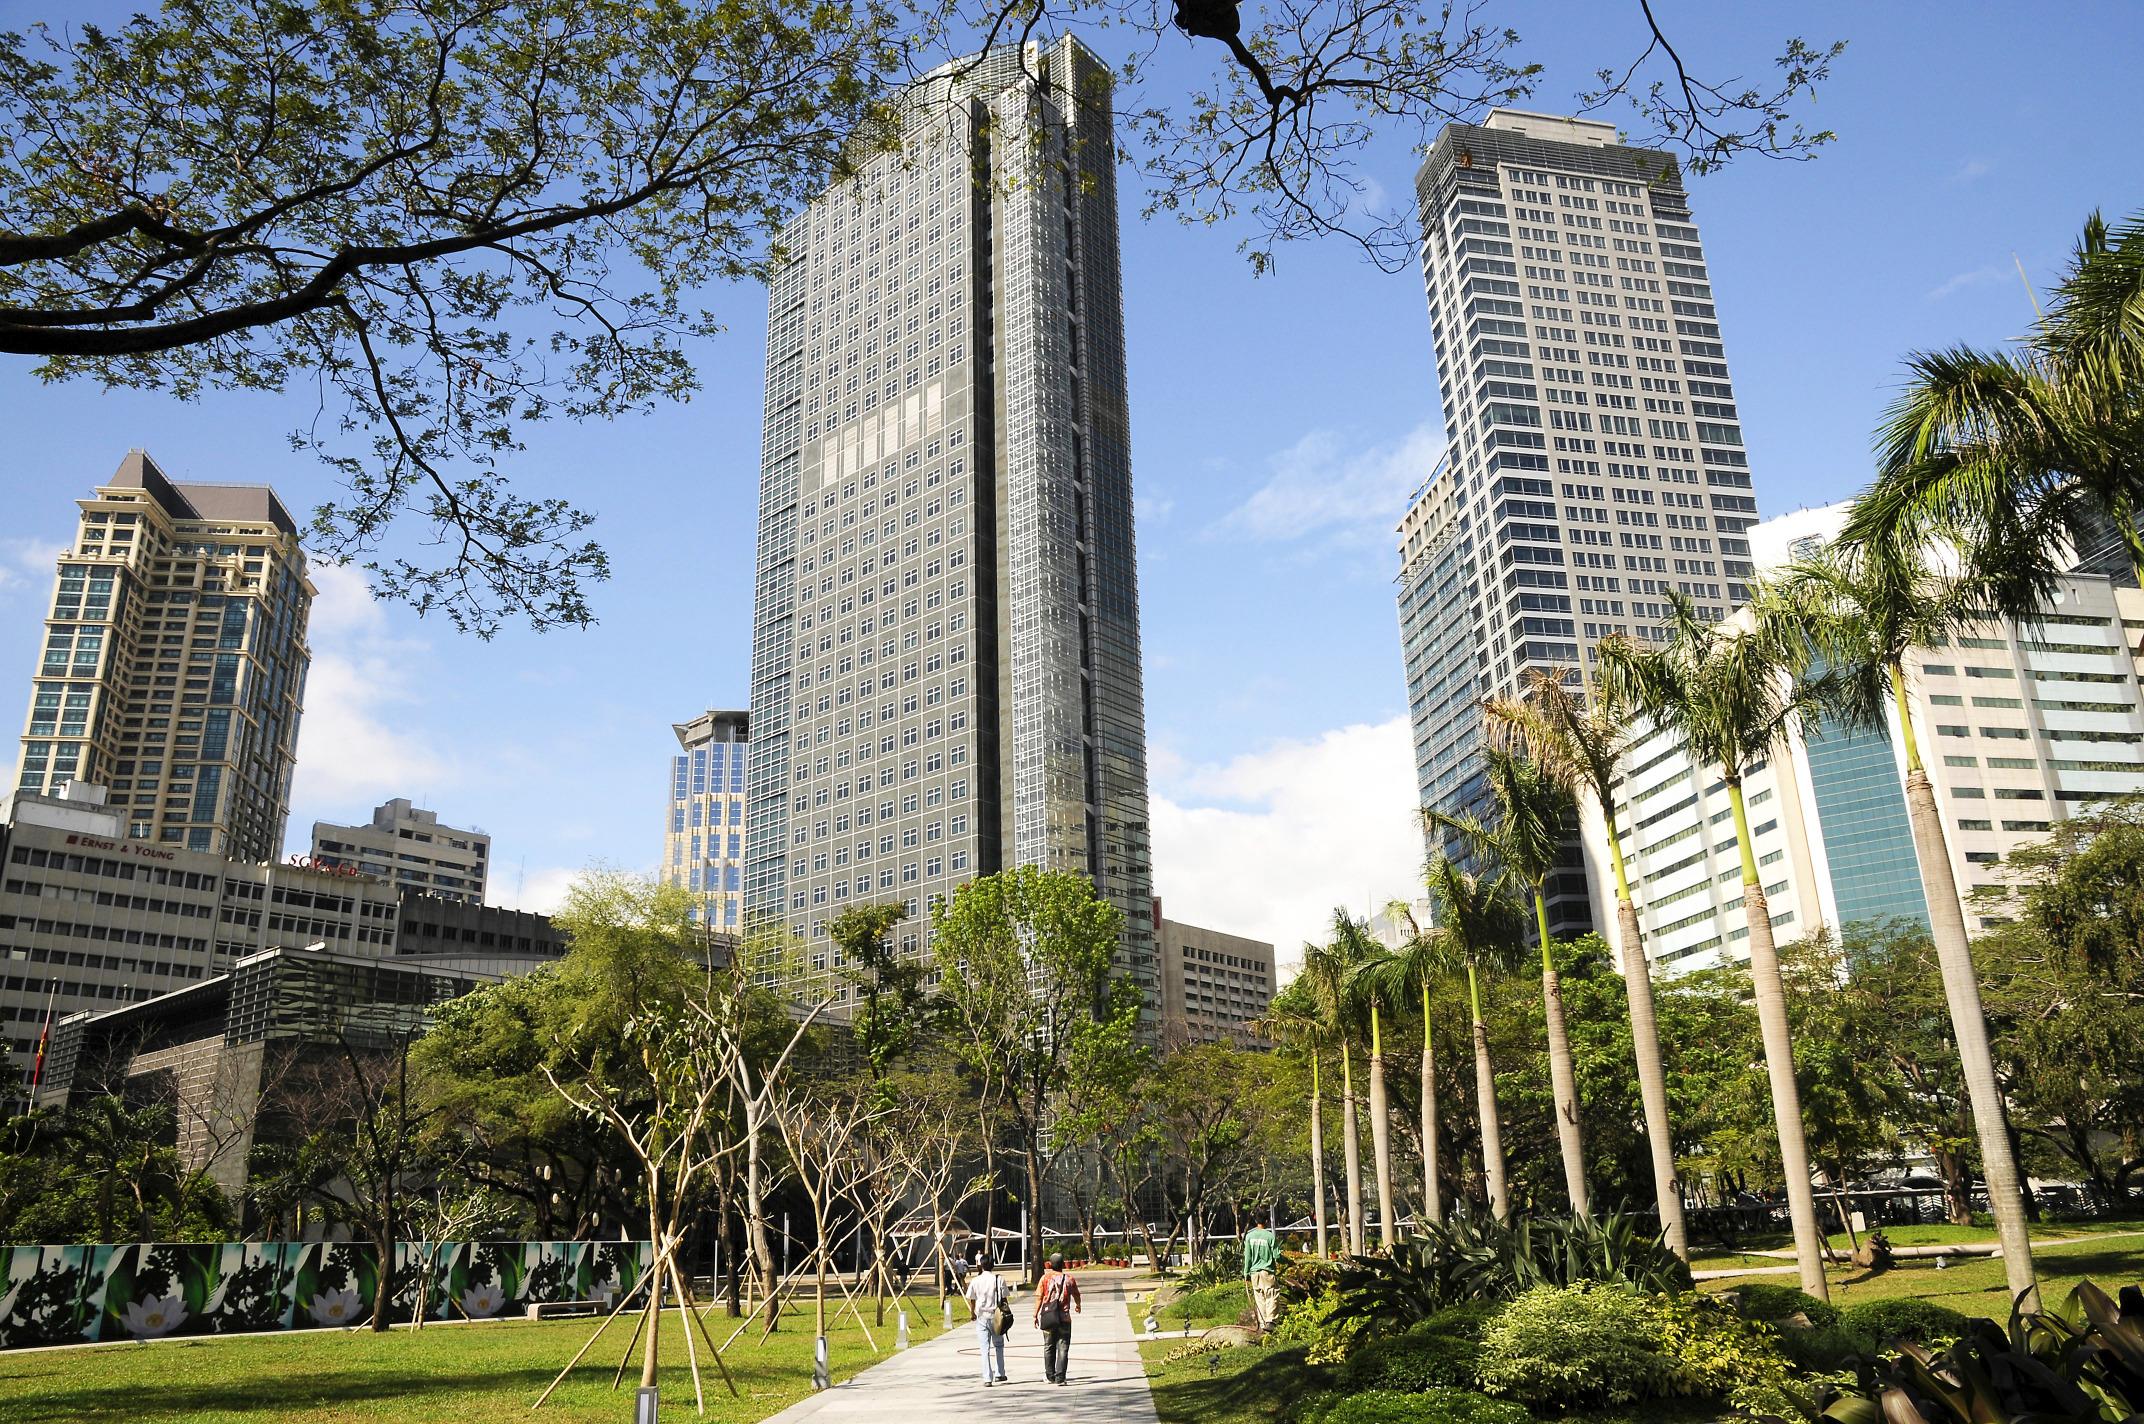 B_119_Makati_Ayala_Triangle_Park_Makati_Ayala_Triangle_Park.jpg